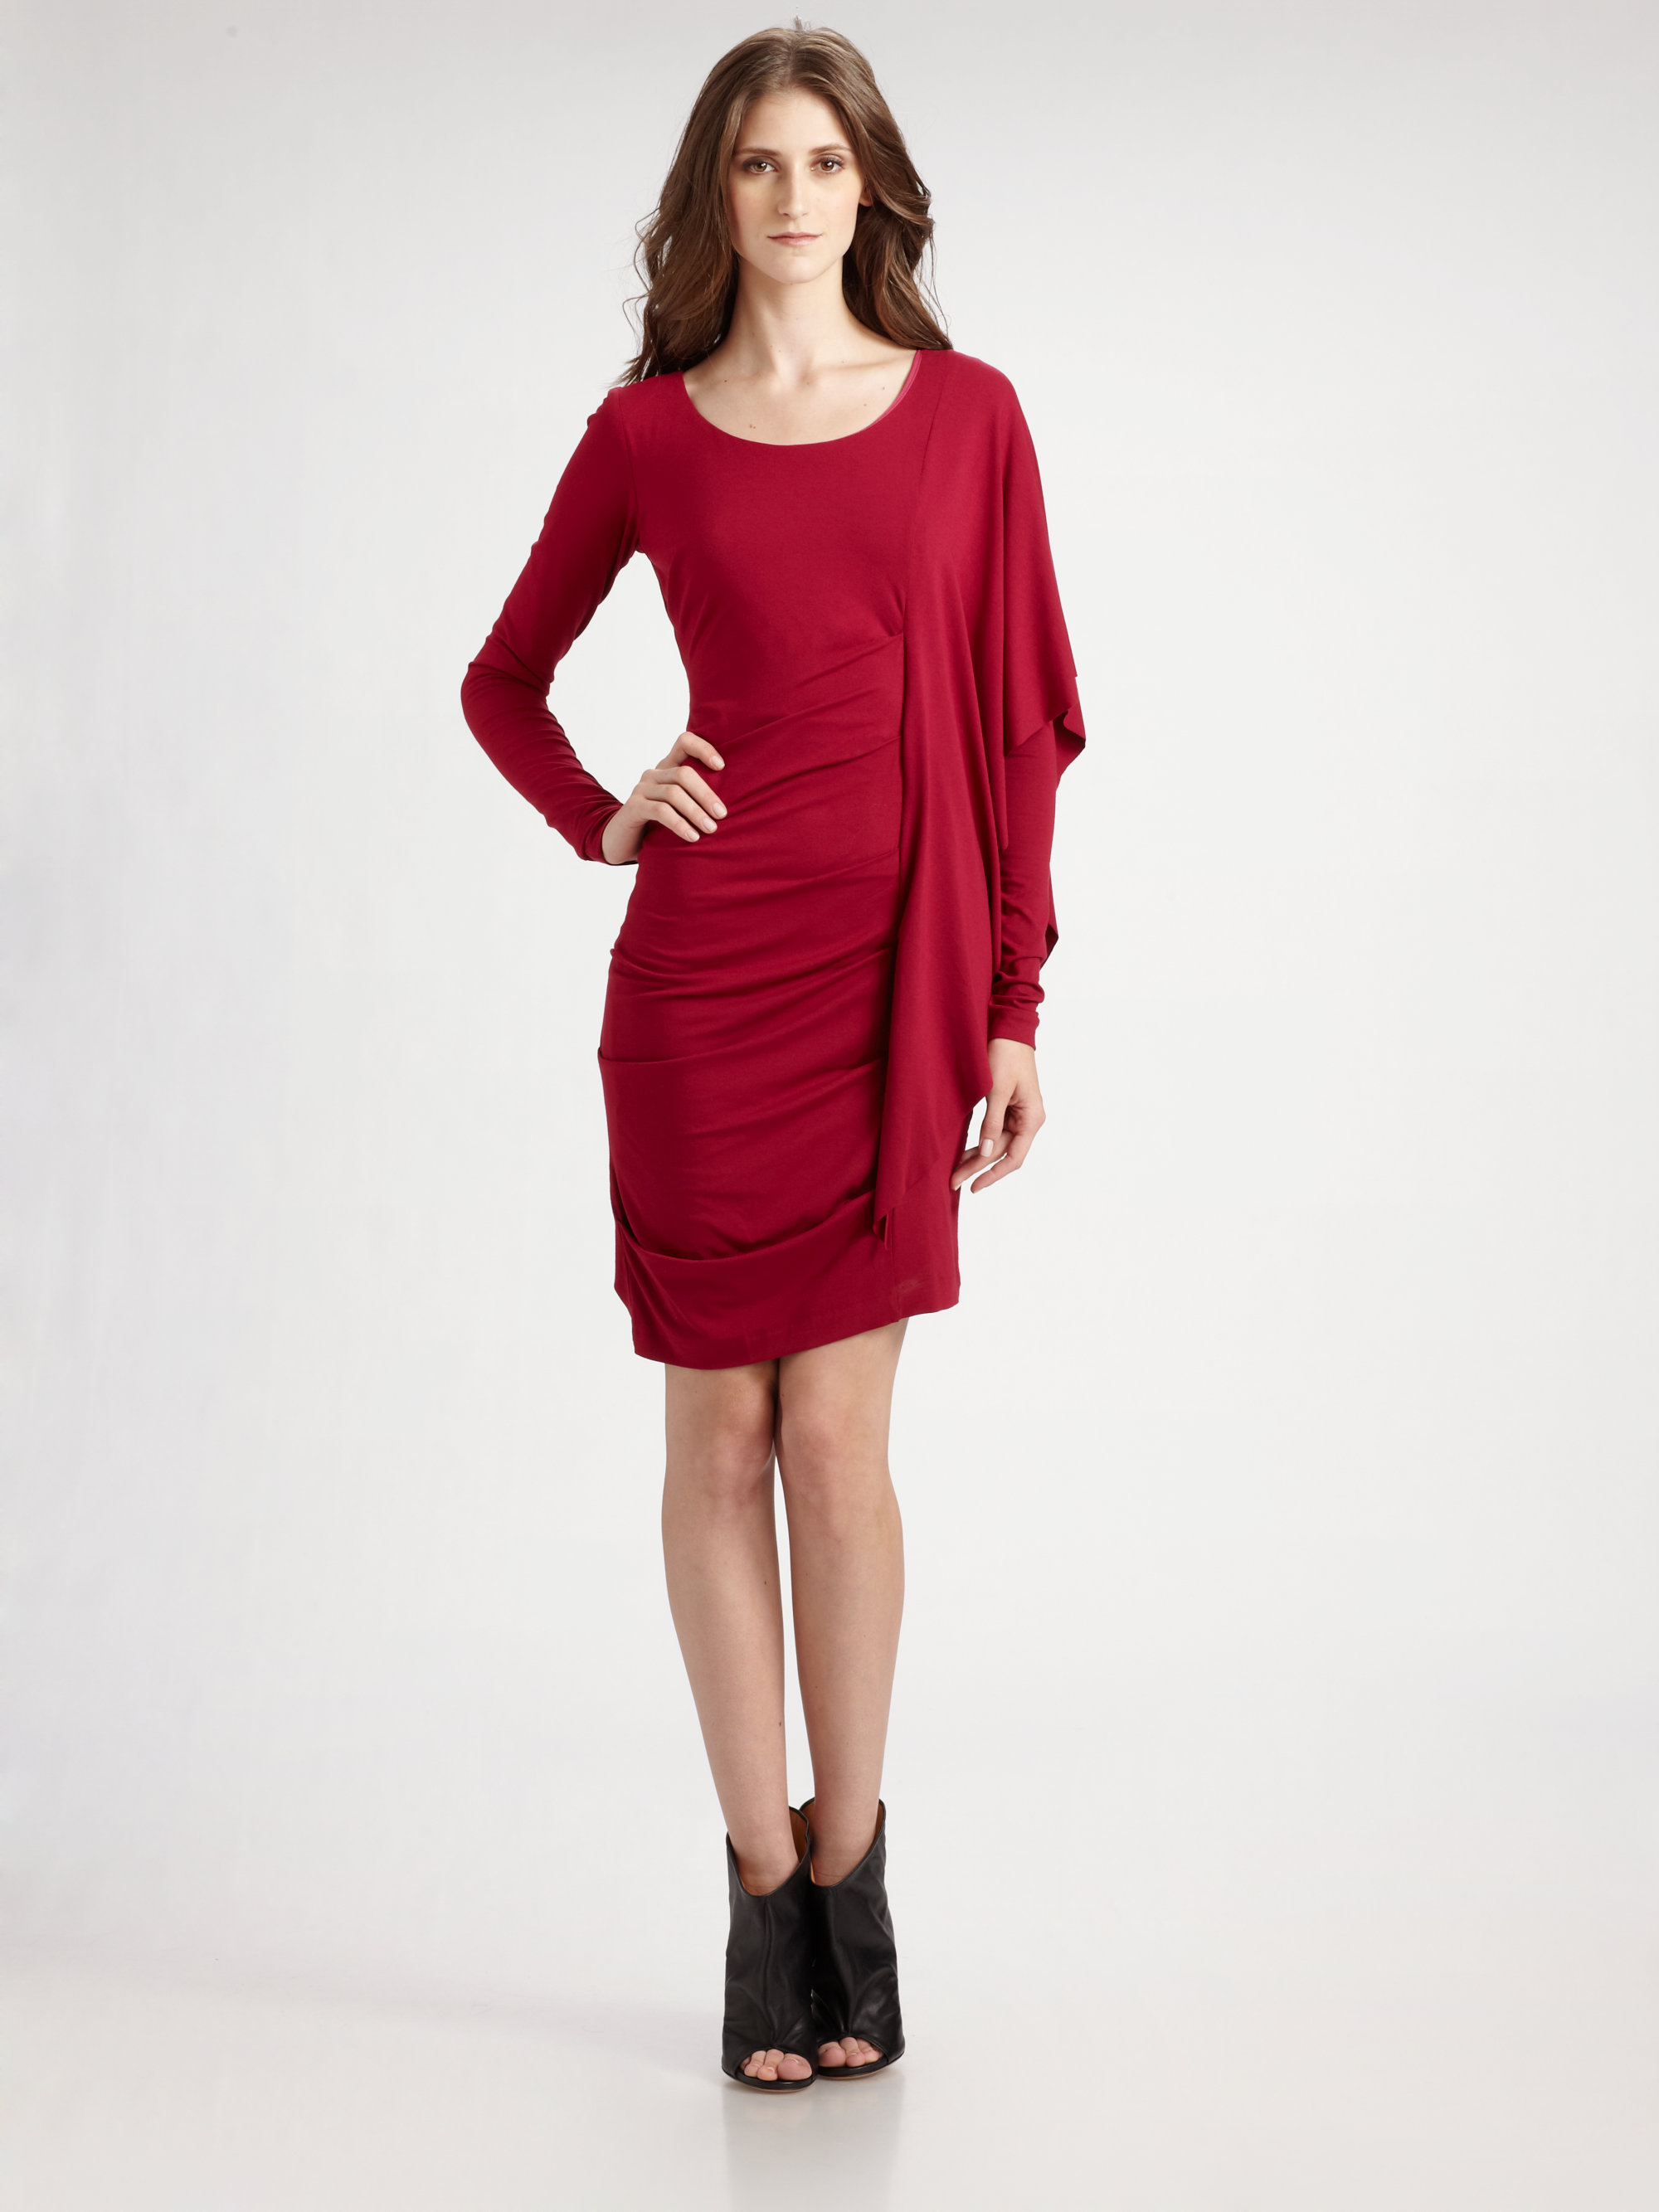 Nicole miller Long Sleeve Side Drape Dress in Red  Lyst